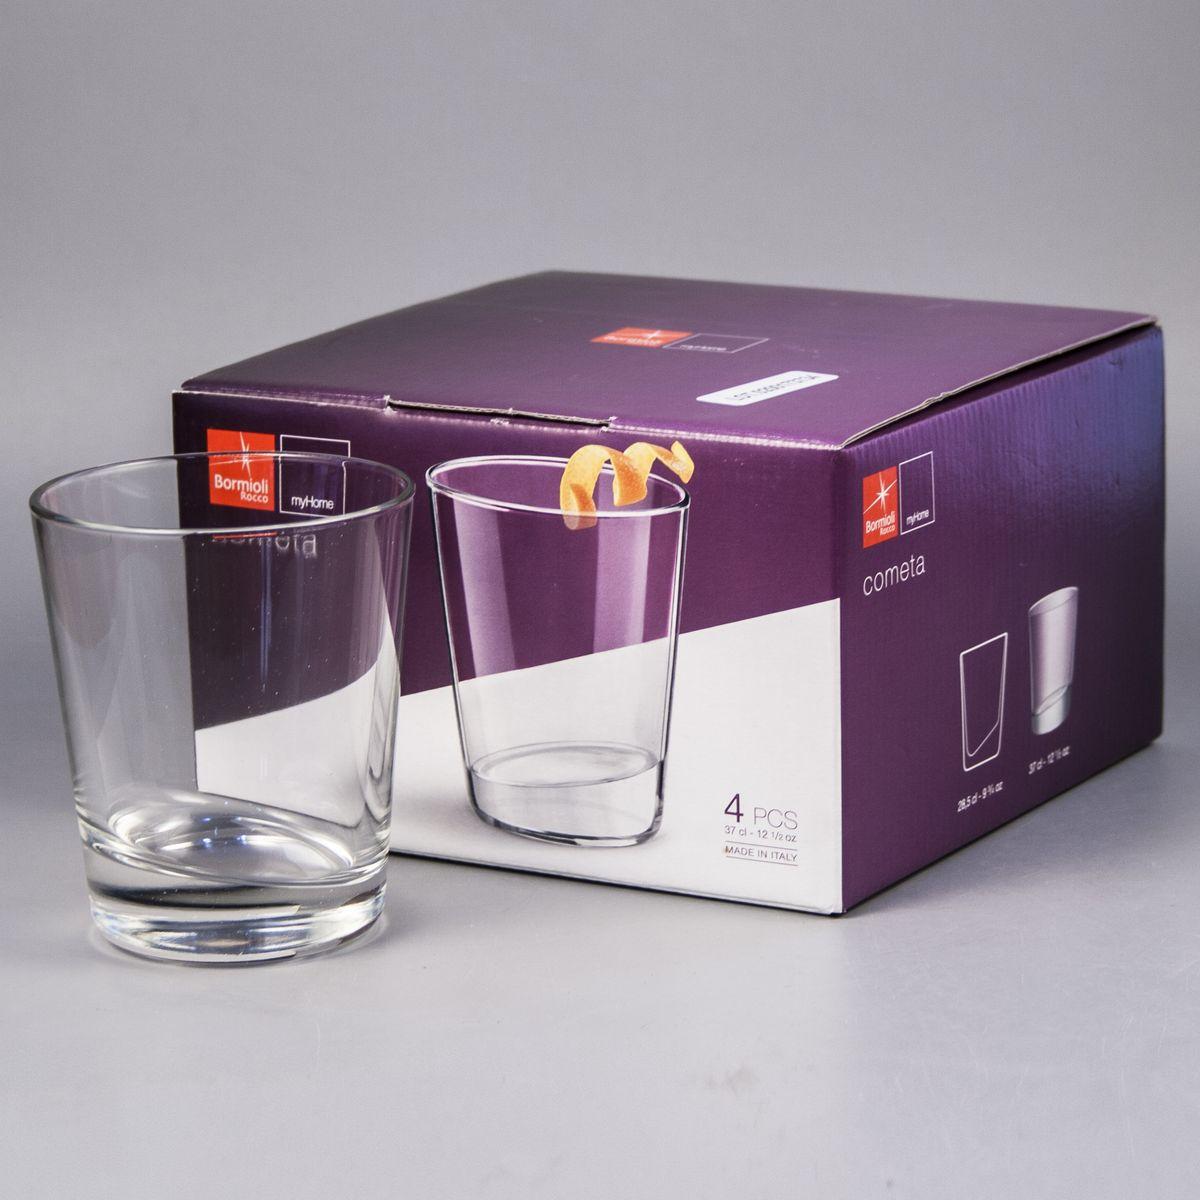 Ит 235120G10021990 Набор стаканов 4шт. Cometa, стакан 370мл, п/у235120G10021990Ит 235120G10021990 Набор стаканов 4шт. Cometa, стакан 370мл, п/у